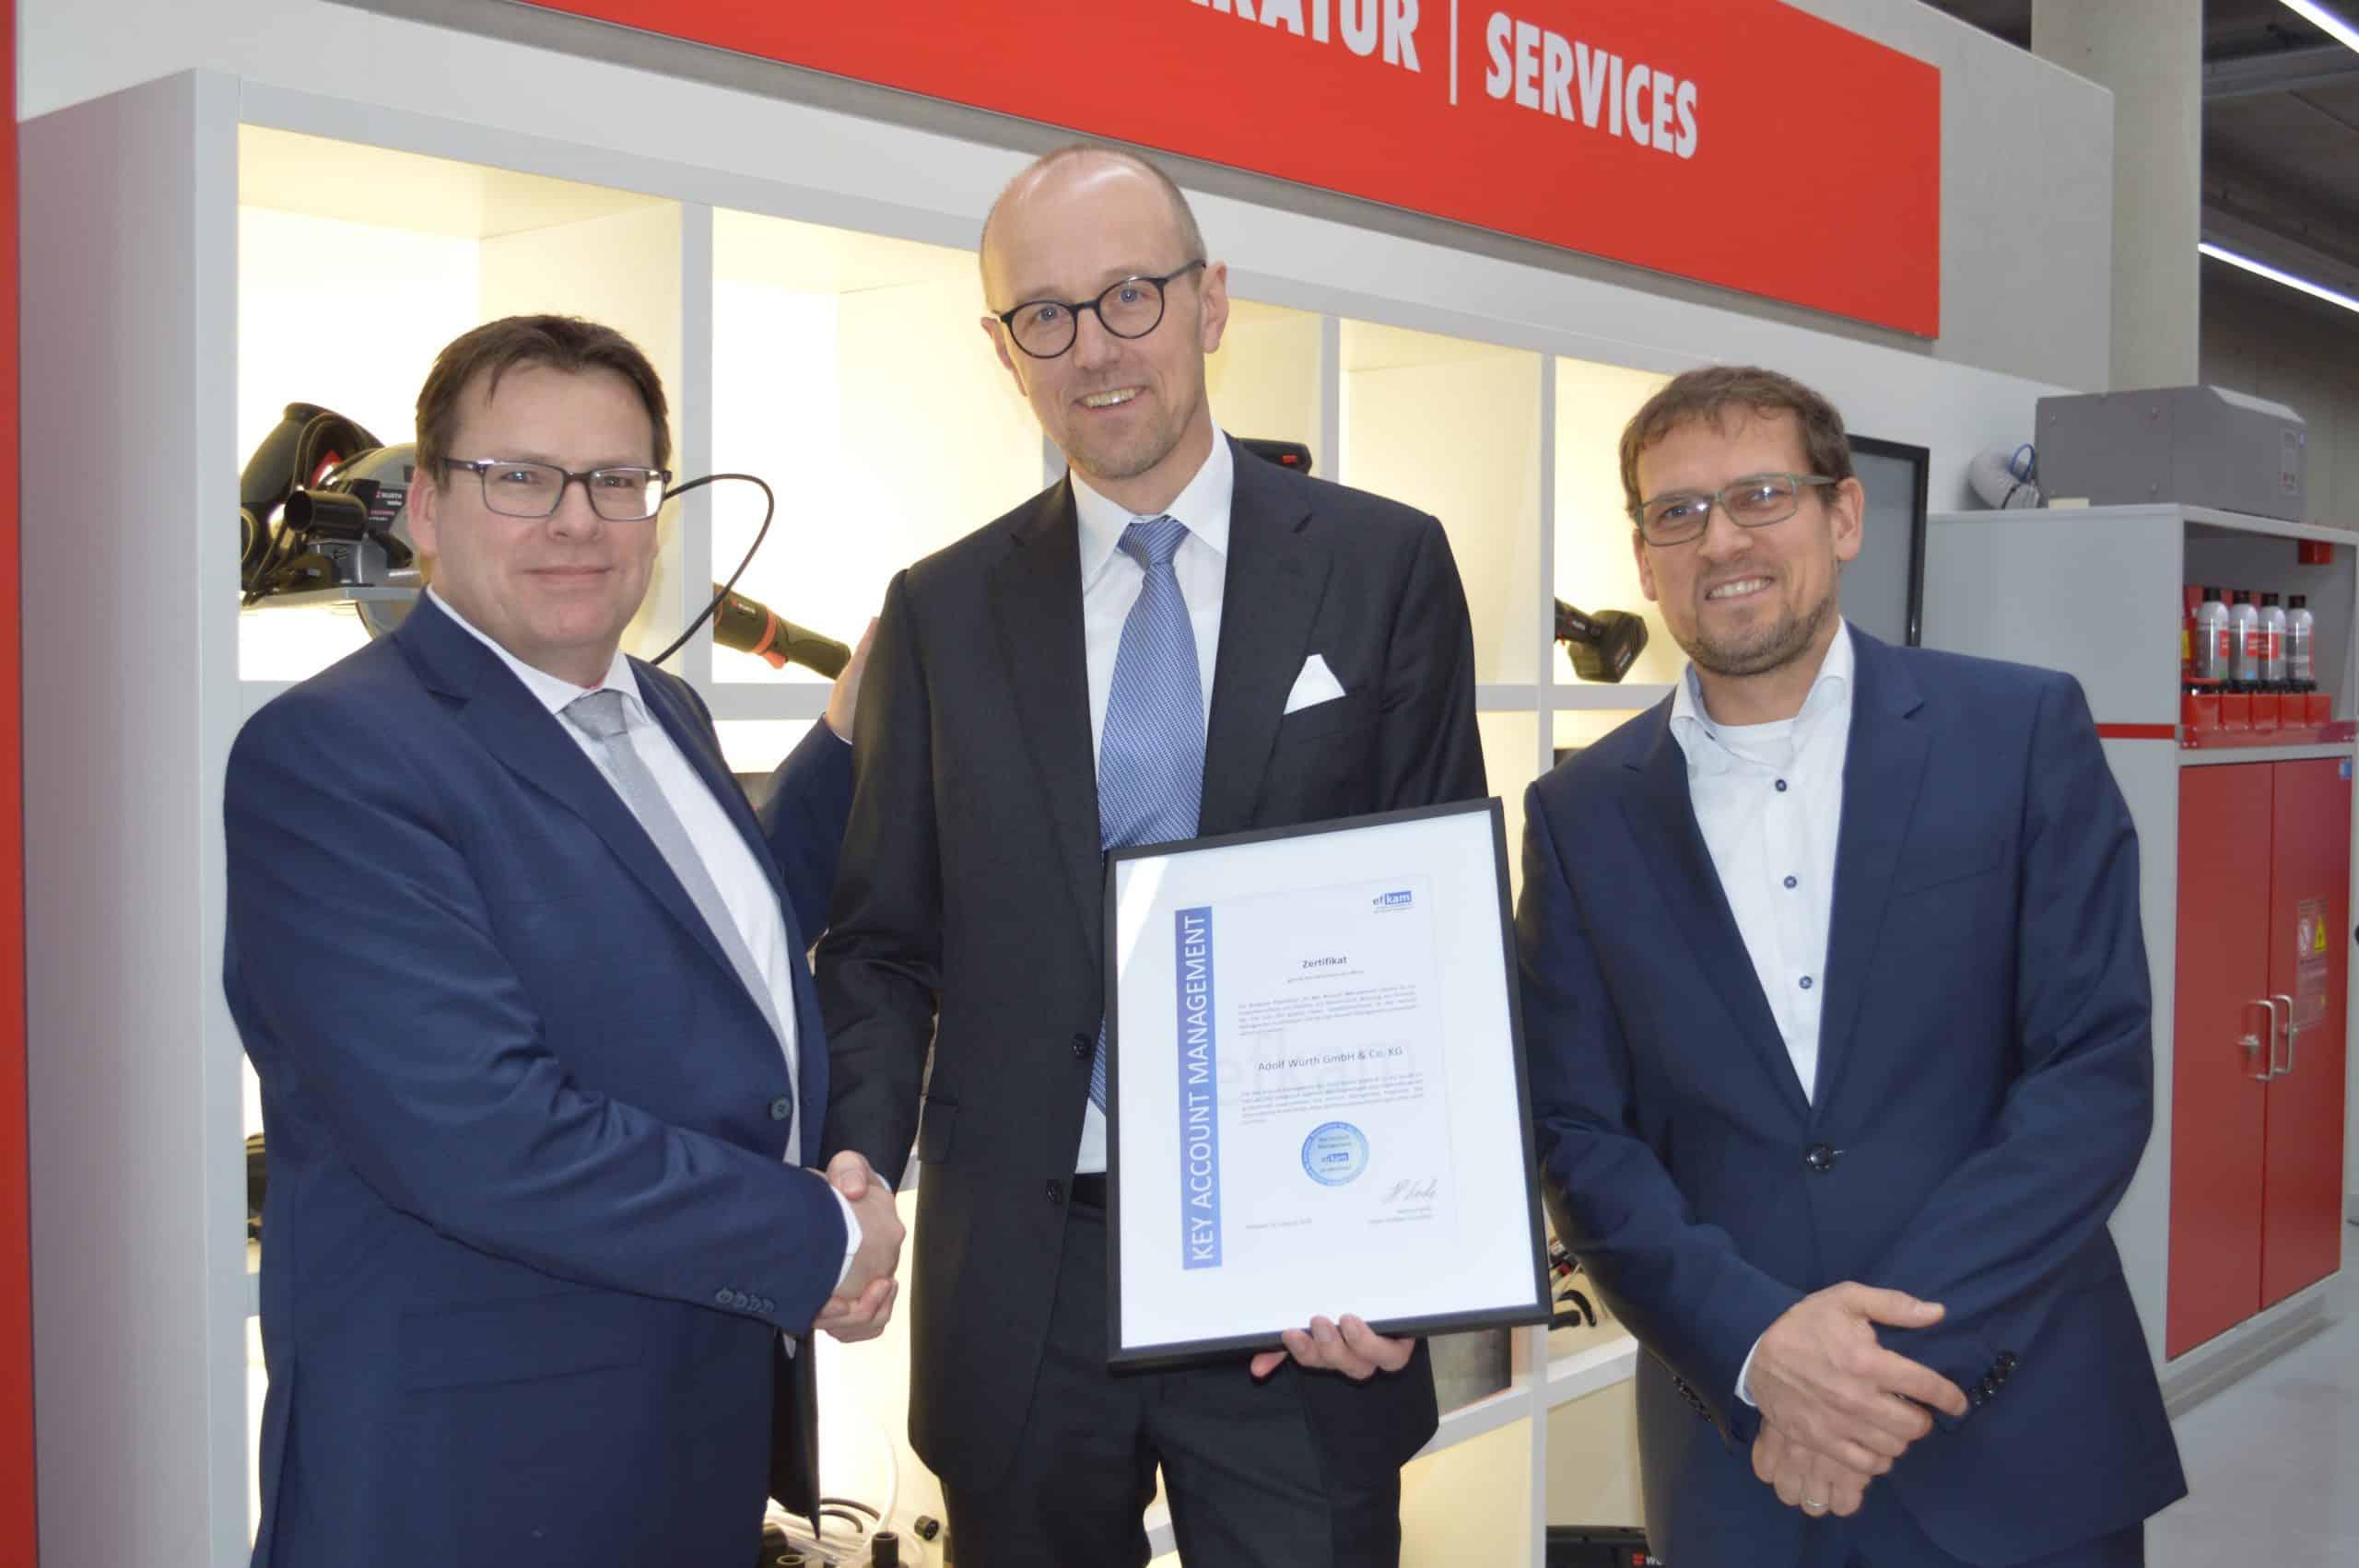 efkam Zertifizierung von Würth (Übergabe vom Zertifikat an Dirk Borcherding und Tobias Hügel)